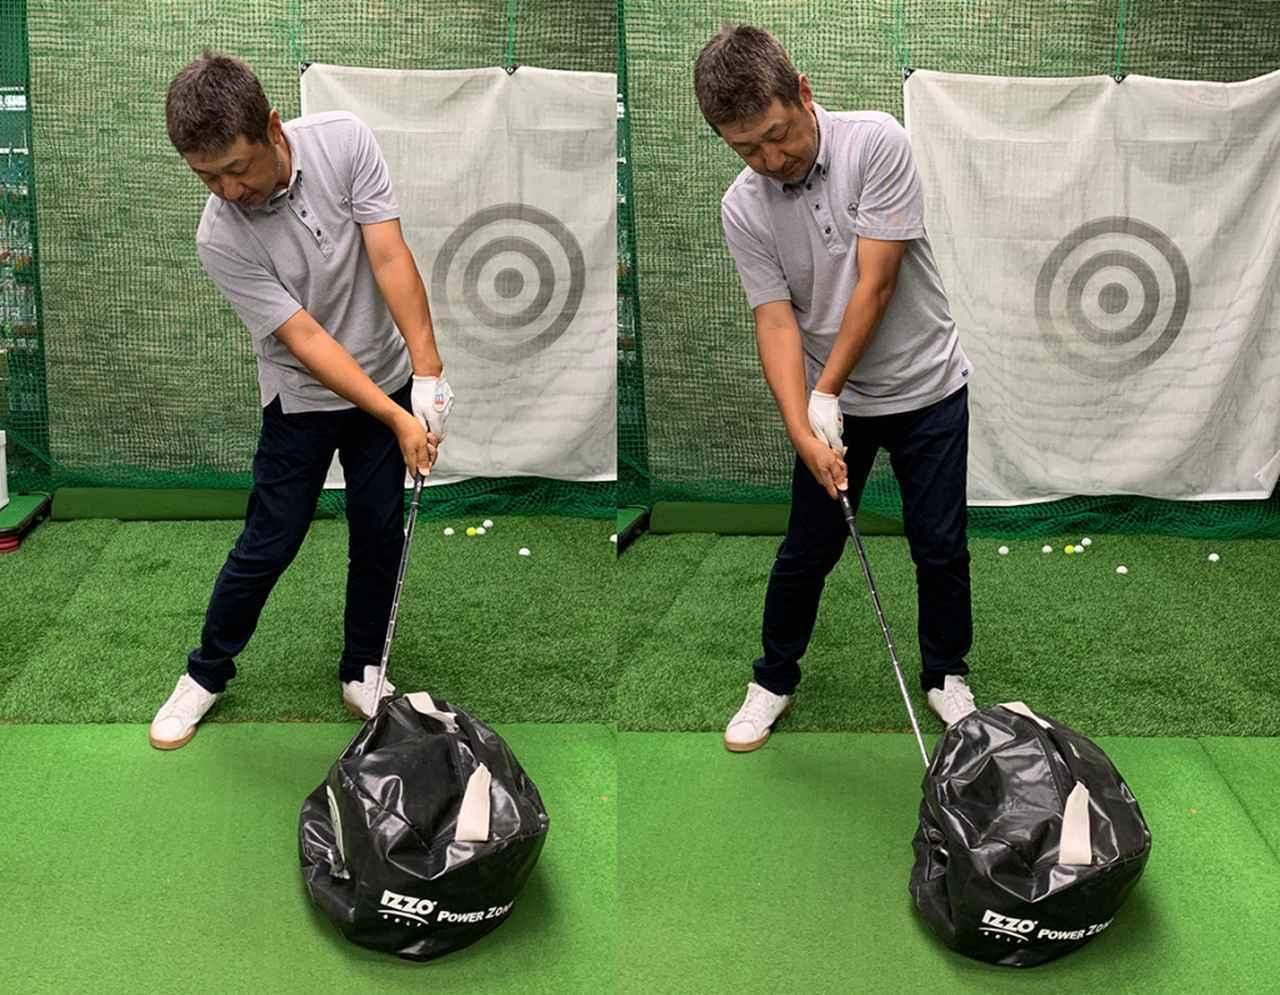 画像: 強く叩こうとすると自然とハンドファーストのインパクトになる(左)。ボールを上げようとする動きでは強く叩けない(右)